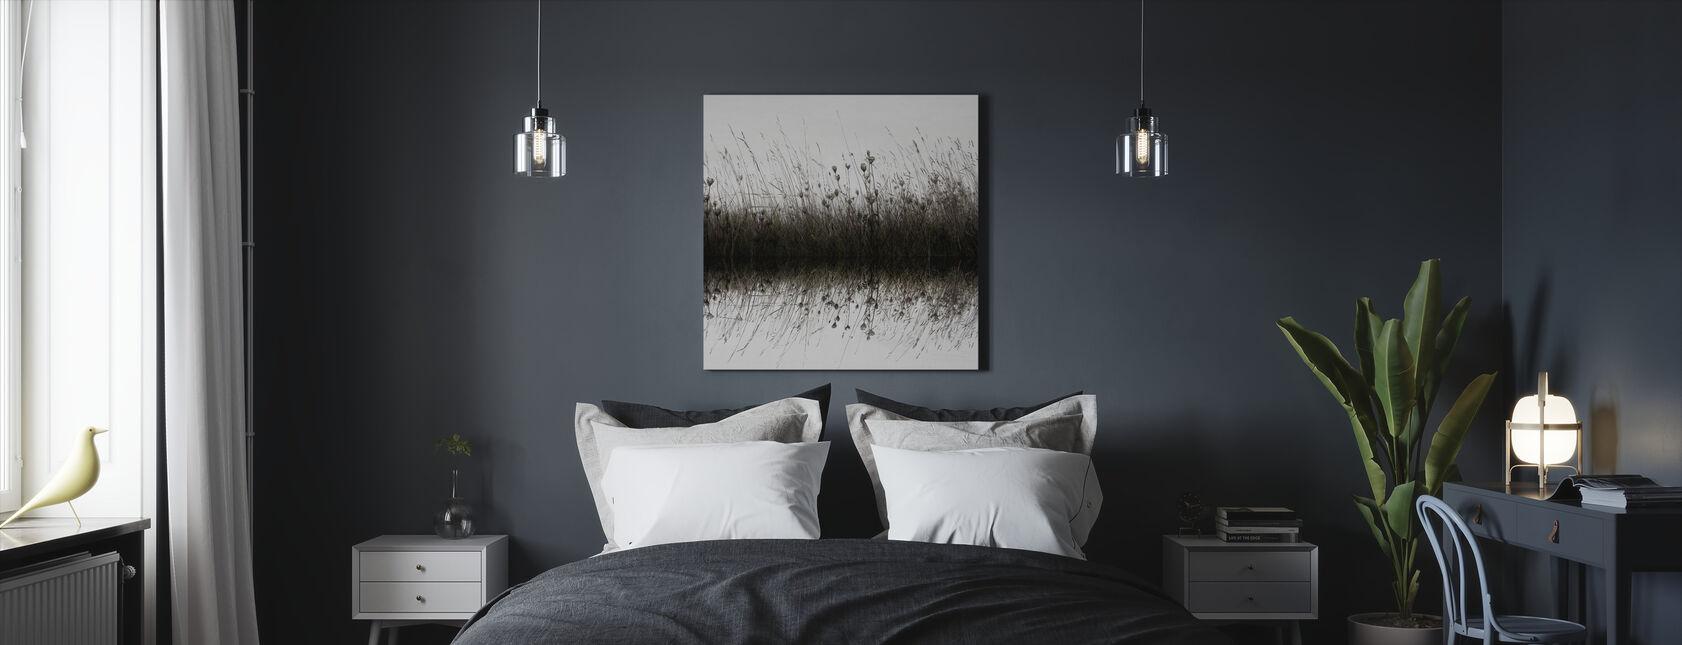 Vesi Heijastus luonnonvaraisia kukkia - Canvastaulu - Makuuhuone